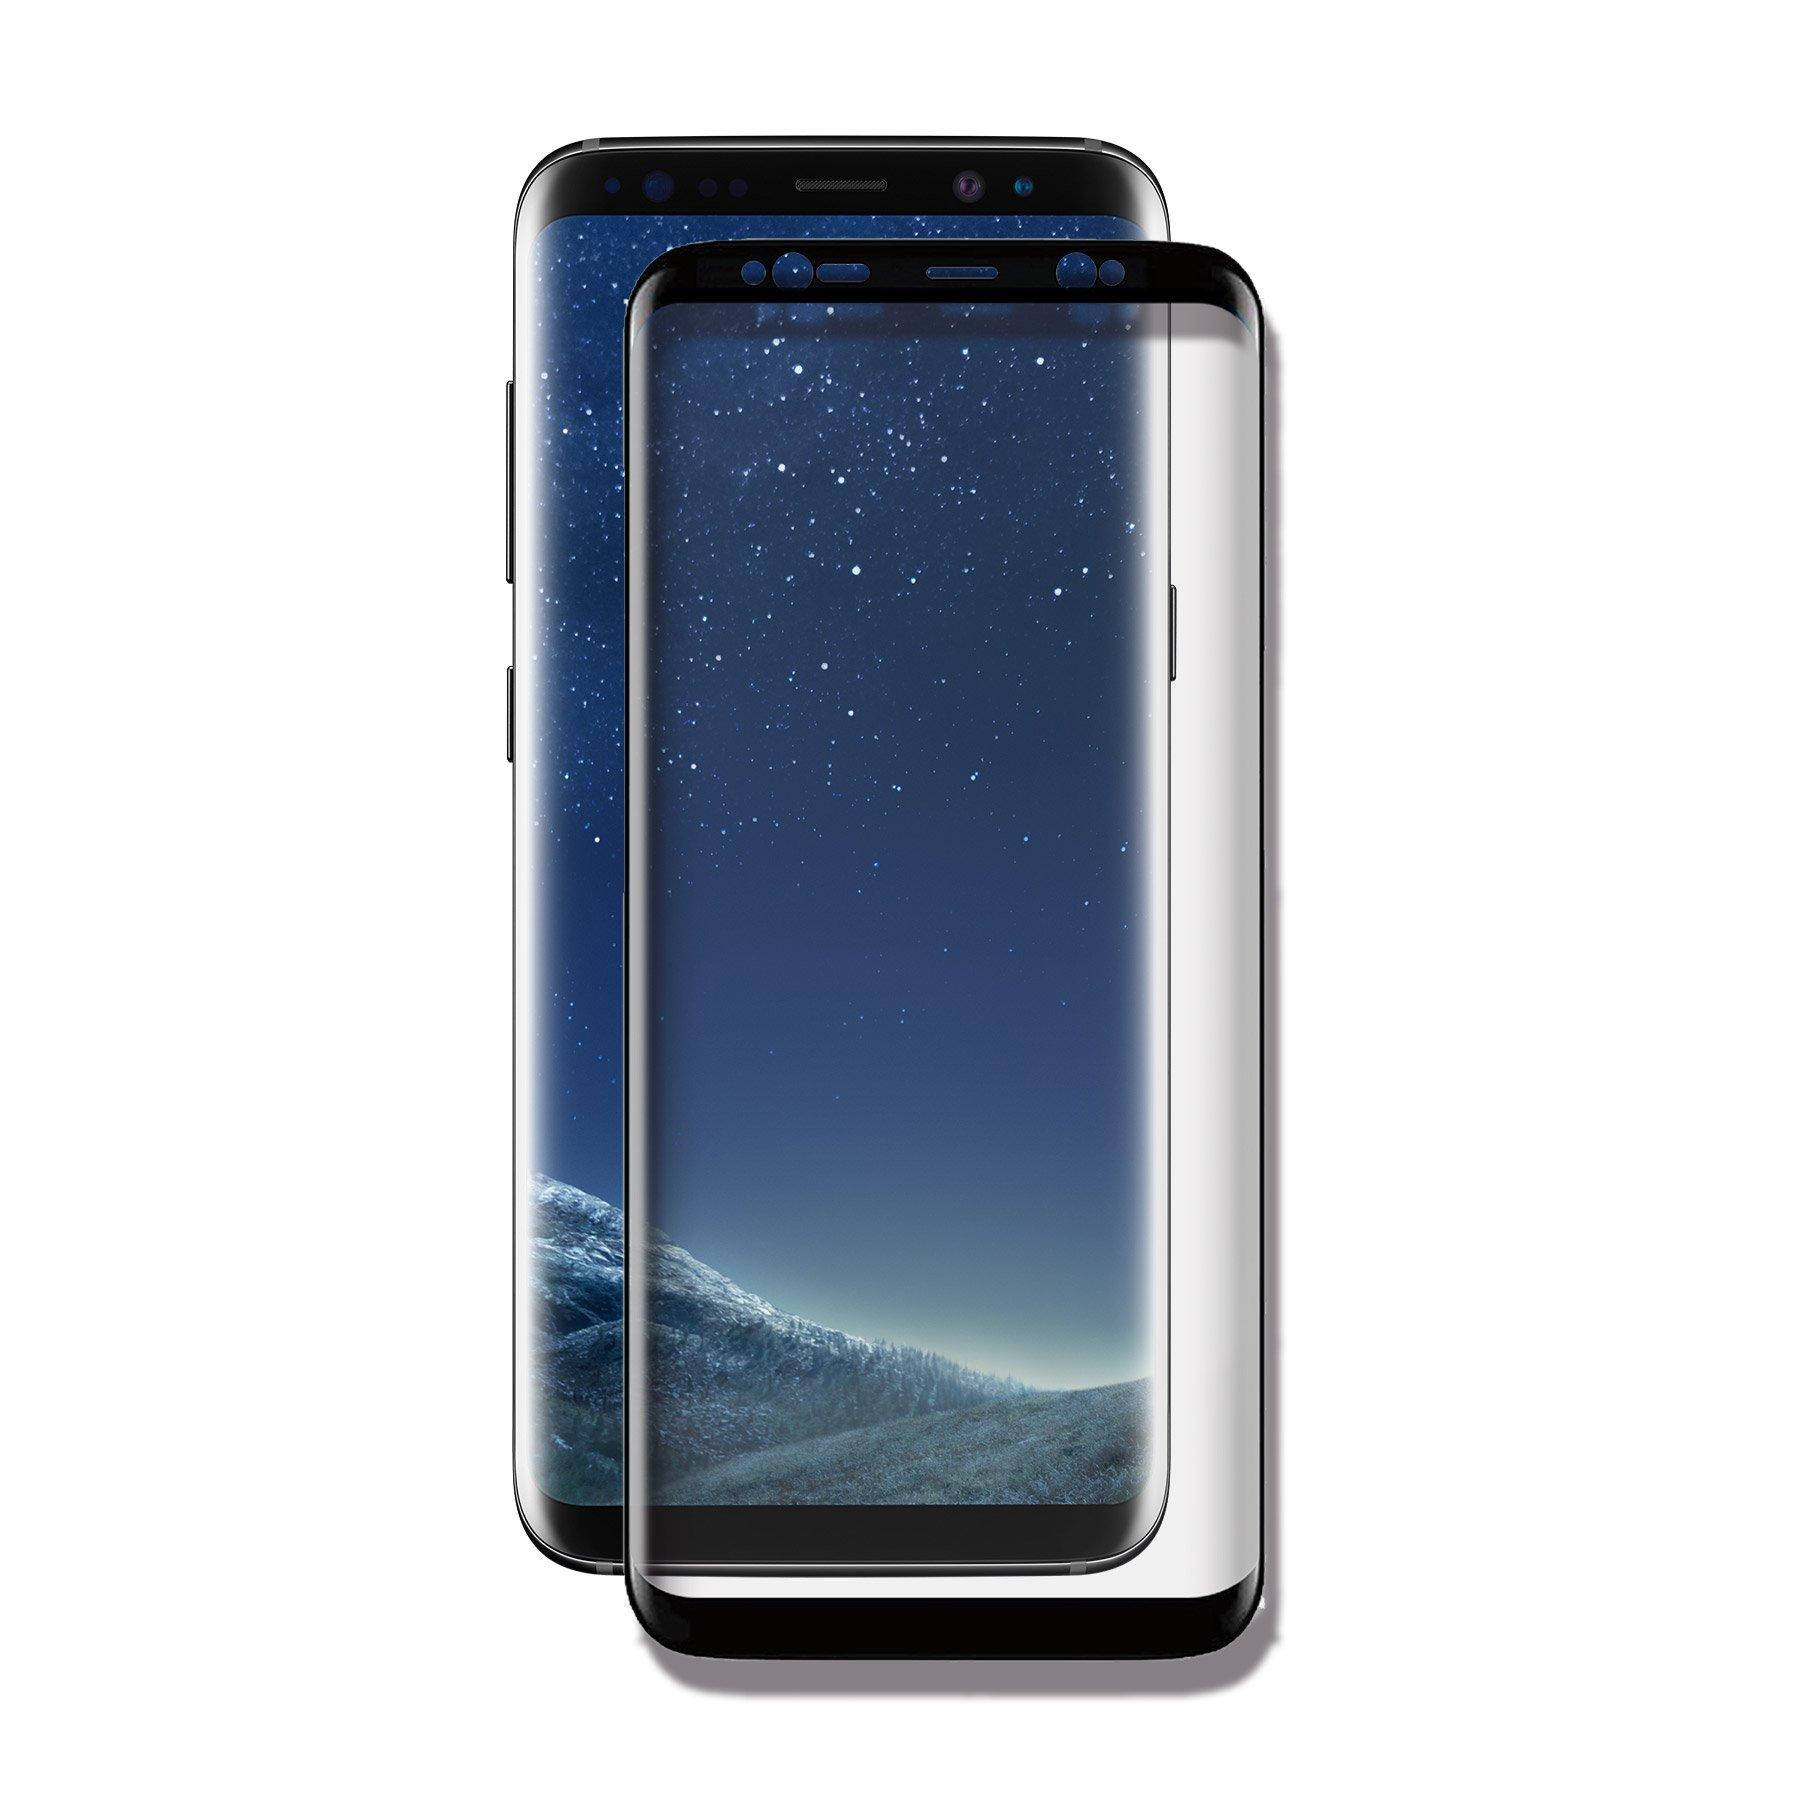 Samsung Galaxy S8 Plus- Smartphone, Exclusivo en Amazon, Negro: Amazon.es: Electrónica